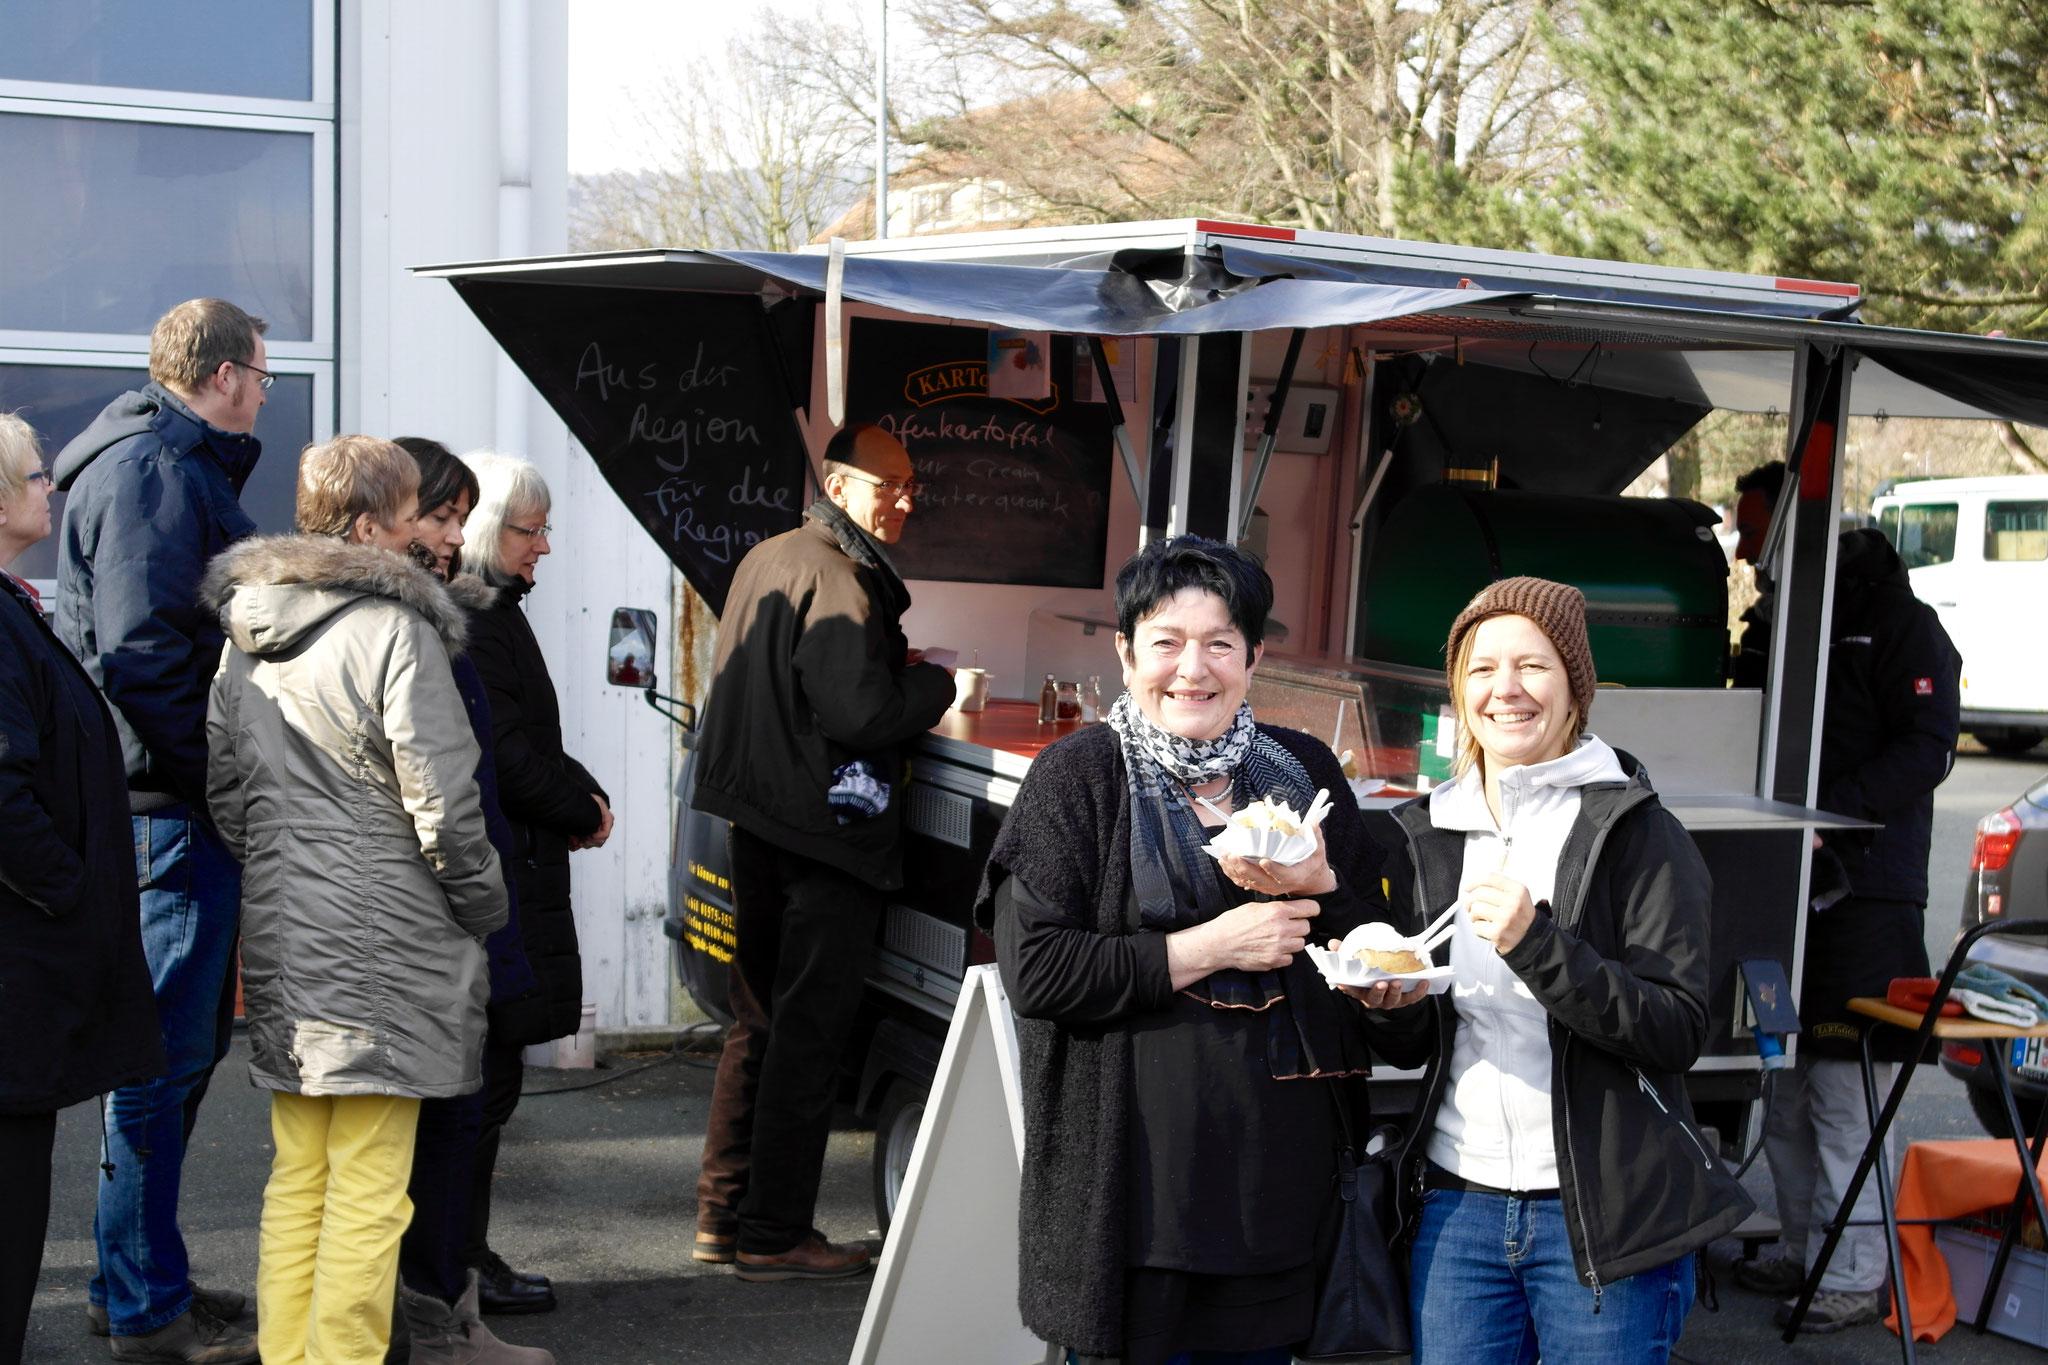 Amtseinführung mit Ofenkartoffeln von KARToGGIO® für die Mitarbeiter Rathaus Springe